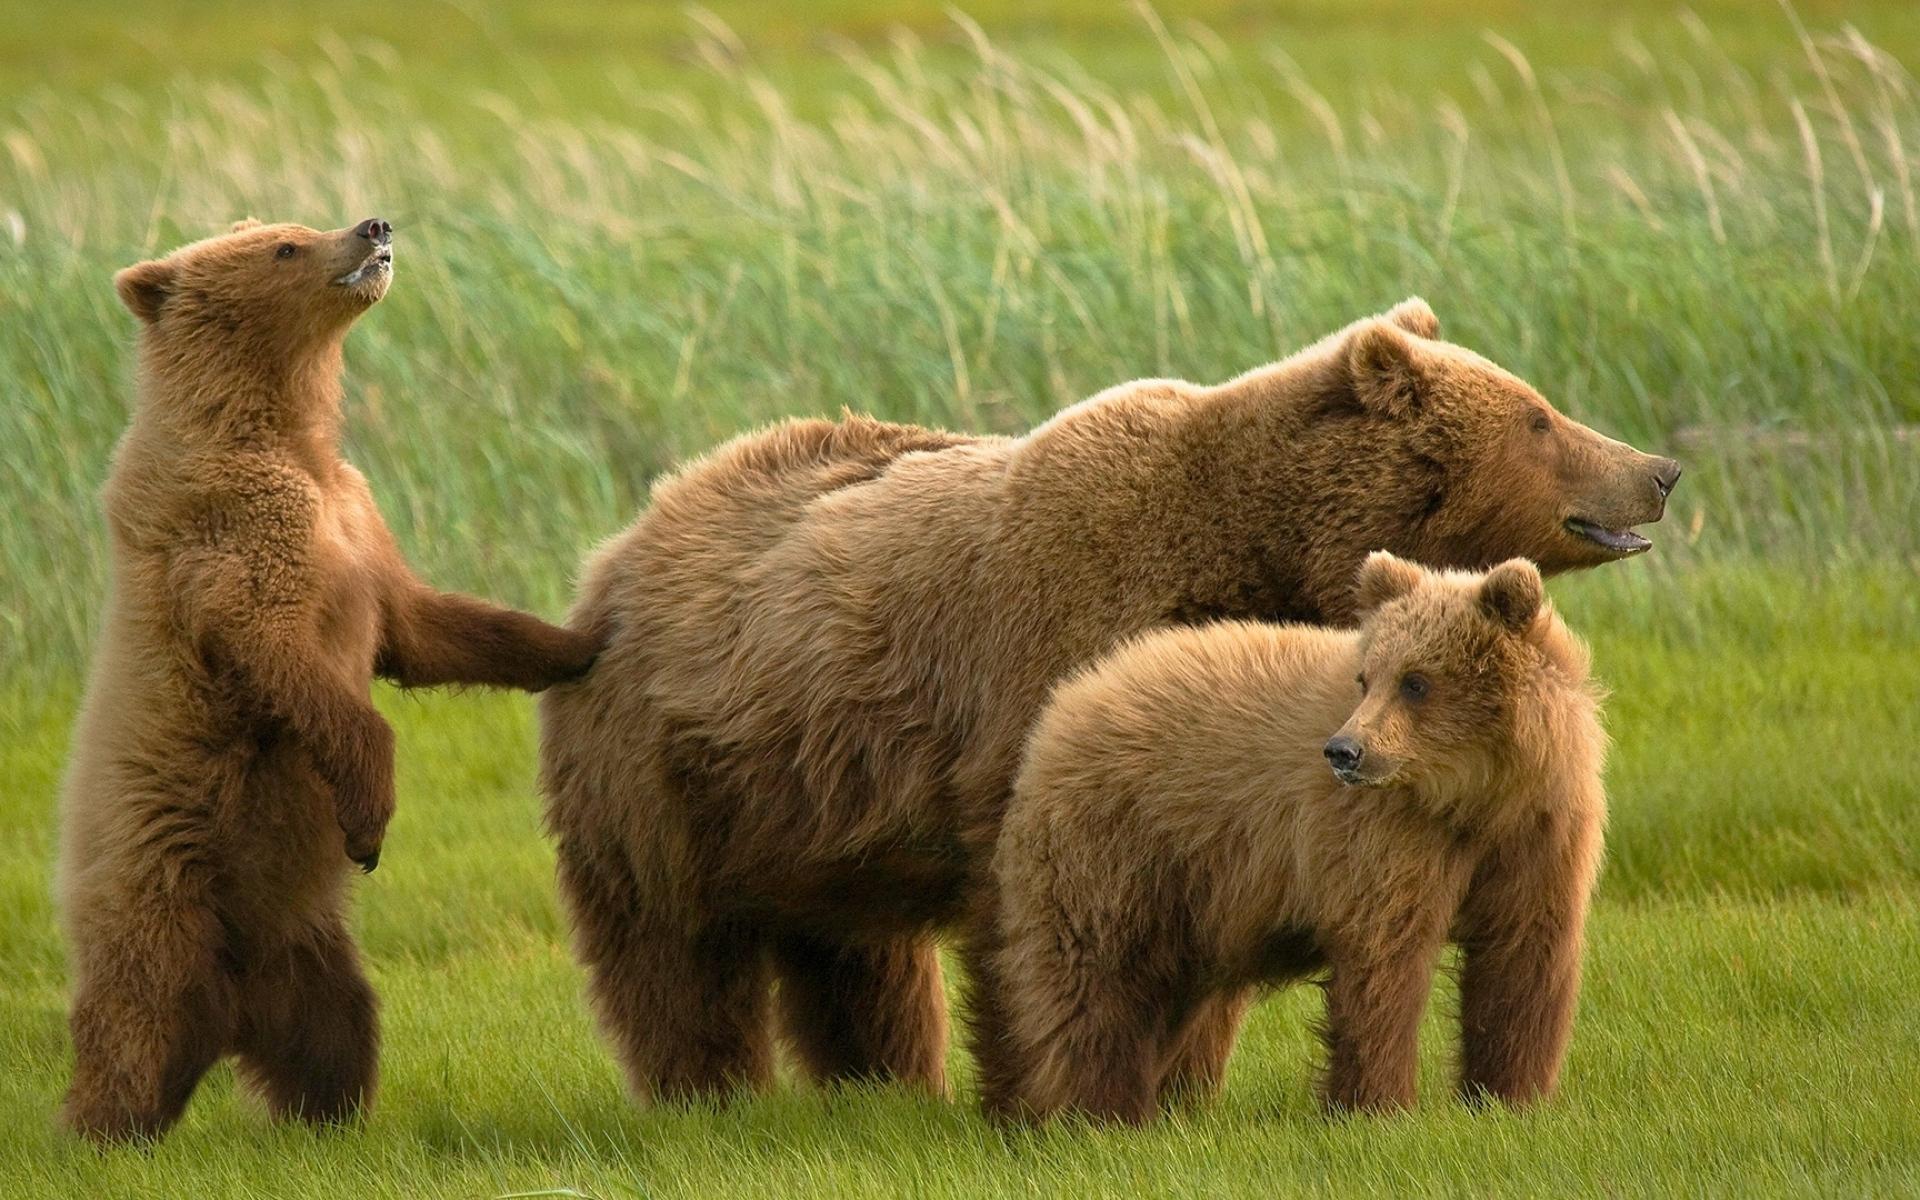 Картинки Медведи, трава, семья фото и обои на рабочий стол